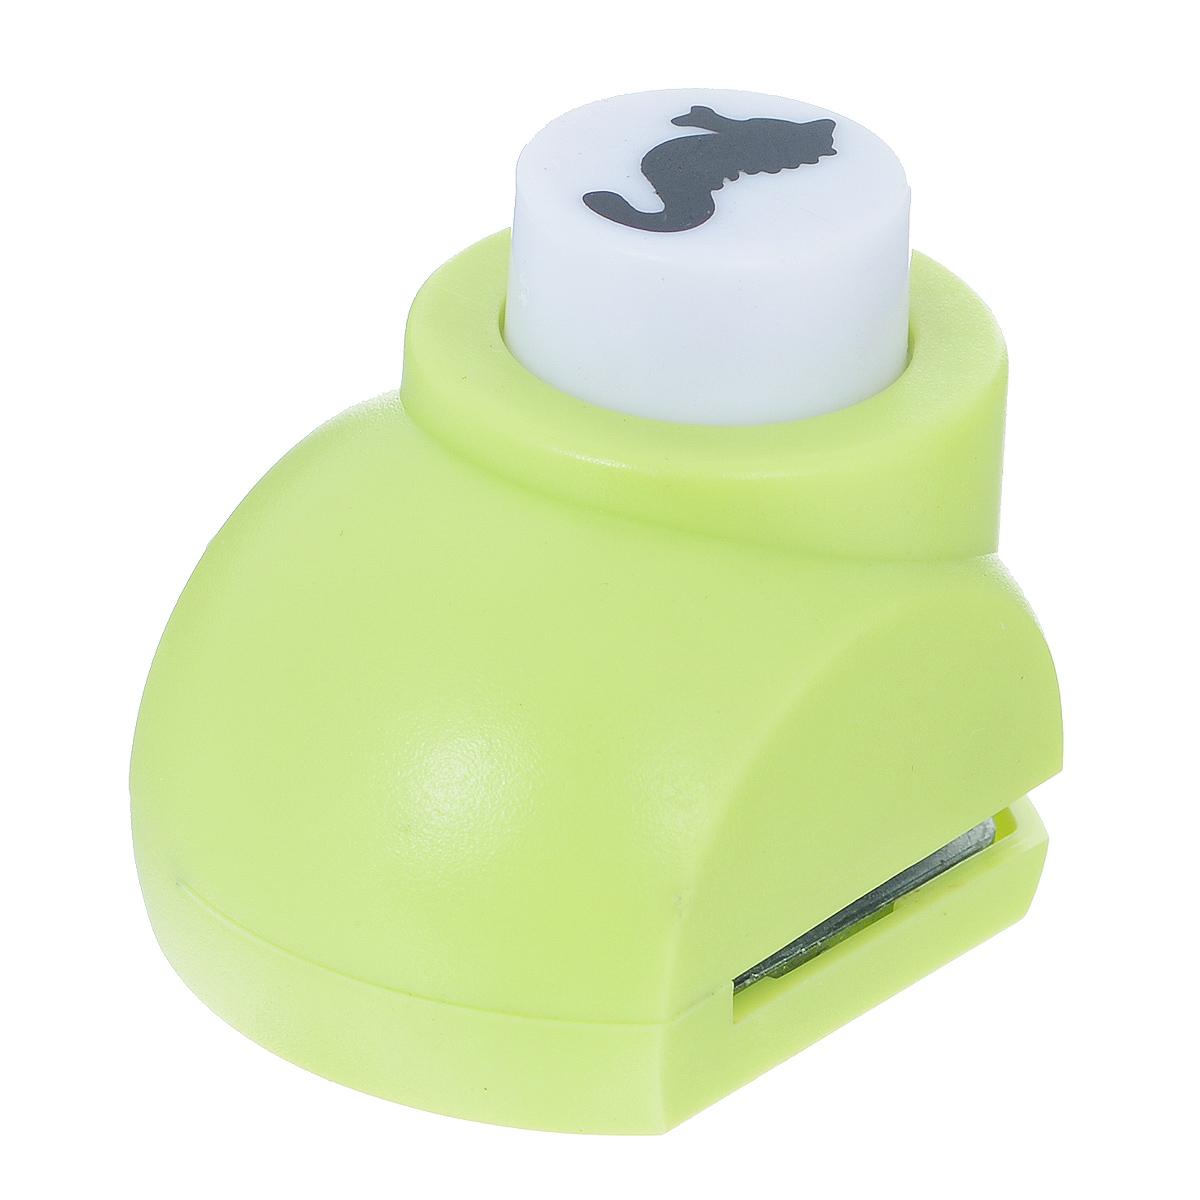 Дырокол фигурный Астра Морской конек. JF-8227709604_298Дырокол Астра Морской конек поможет вам легко, просто и аккуратно вырезать много одинаковых мелких фигурок.Режущие части компостера закрыты пластмассовым корпусом, что обеспечивает безопасность для детей. Можно использовать вырезанные мотивы как конфетти или для наклеивания. Дырокол подходит для разных техник: декупажа, скрапбукинга, декорирования.Размер дырокола: 4 см х 3 см х 4 см. Размер готовой фигурки: 1,5 см х 0,7 см.